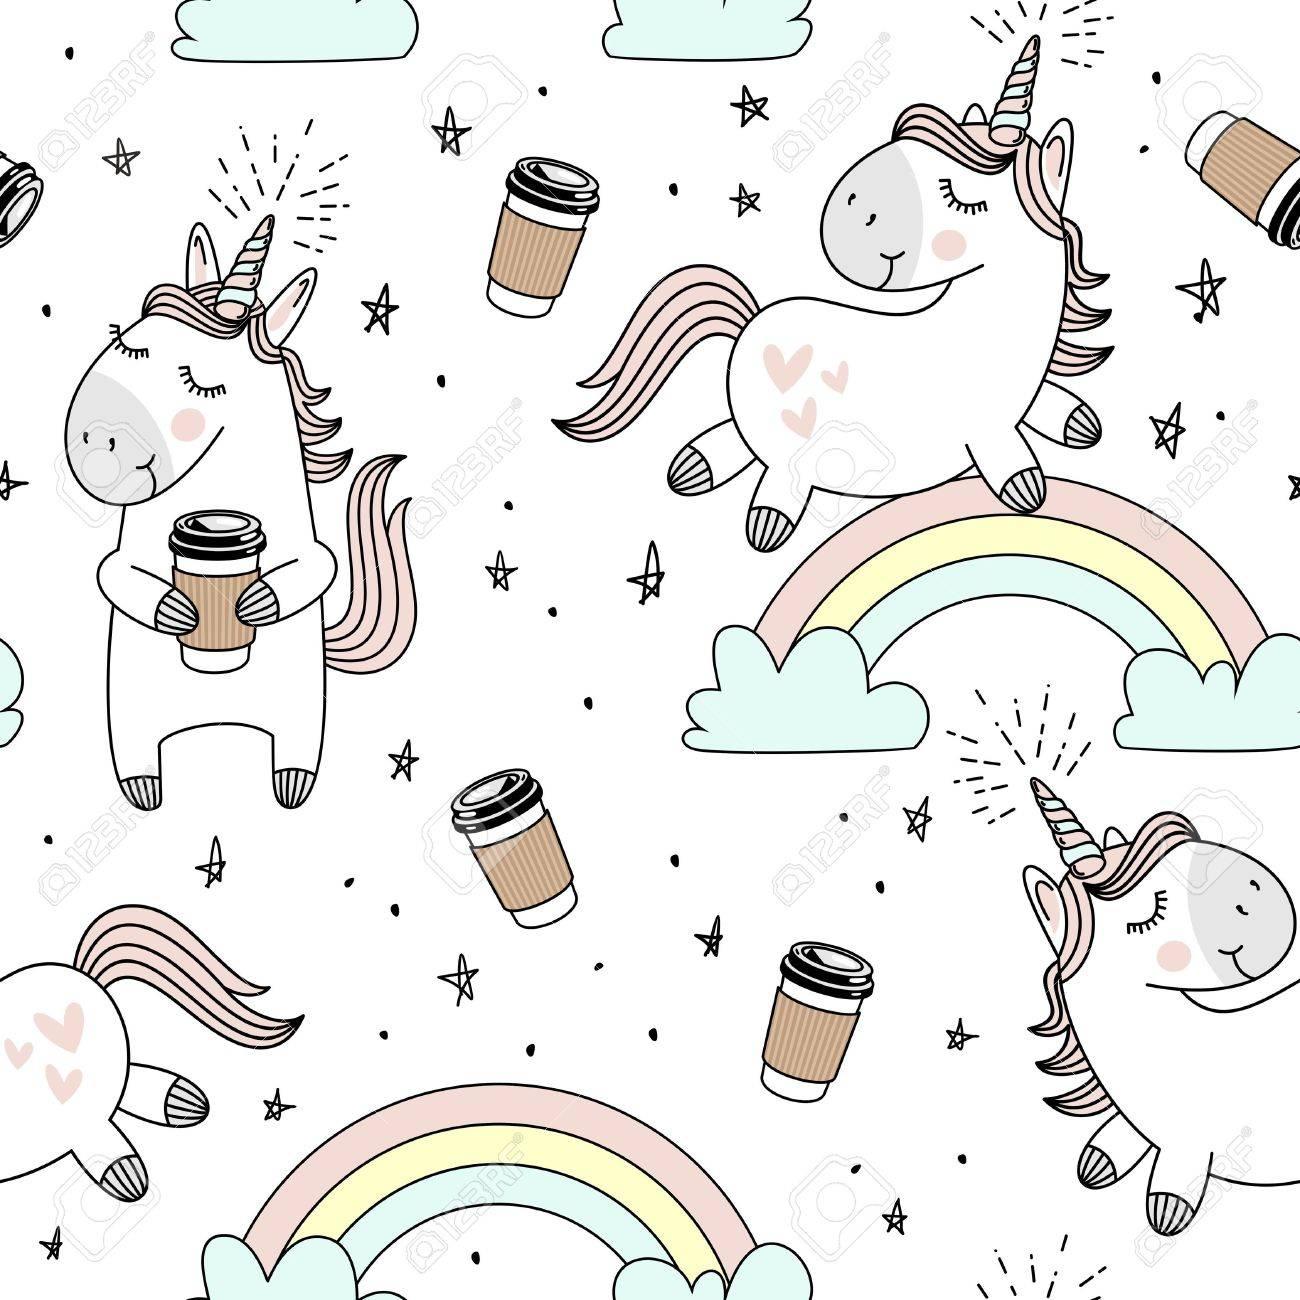 Vektor Muster Mit Sussen Einhornern Wolken Regenbogen Und Sterne